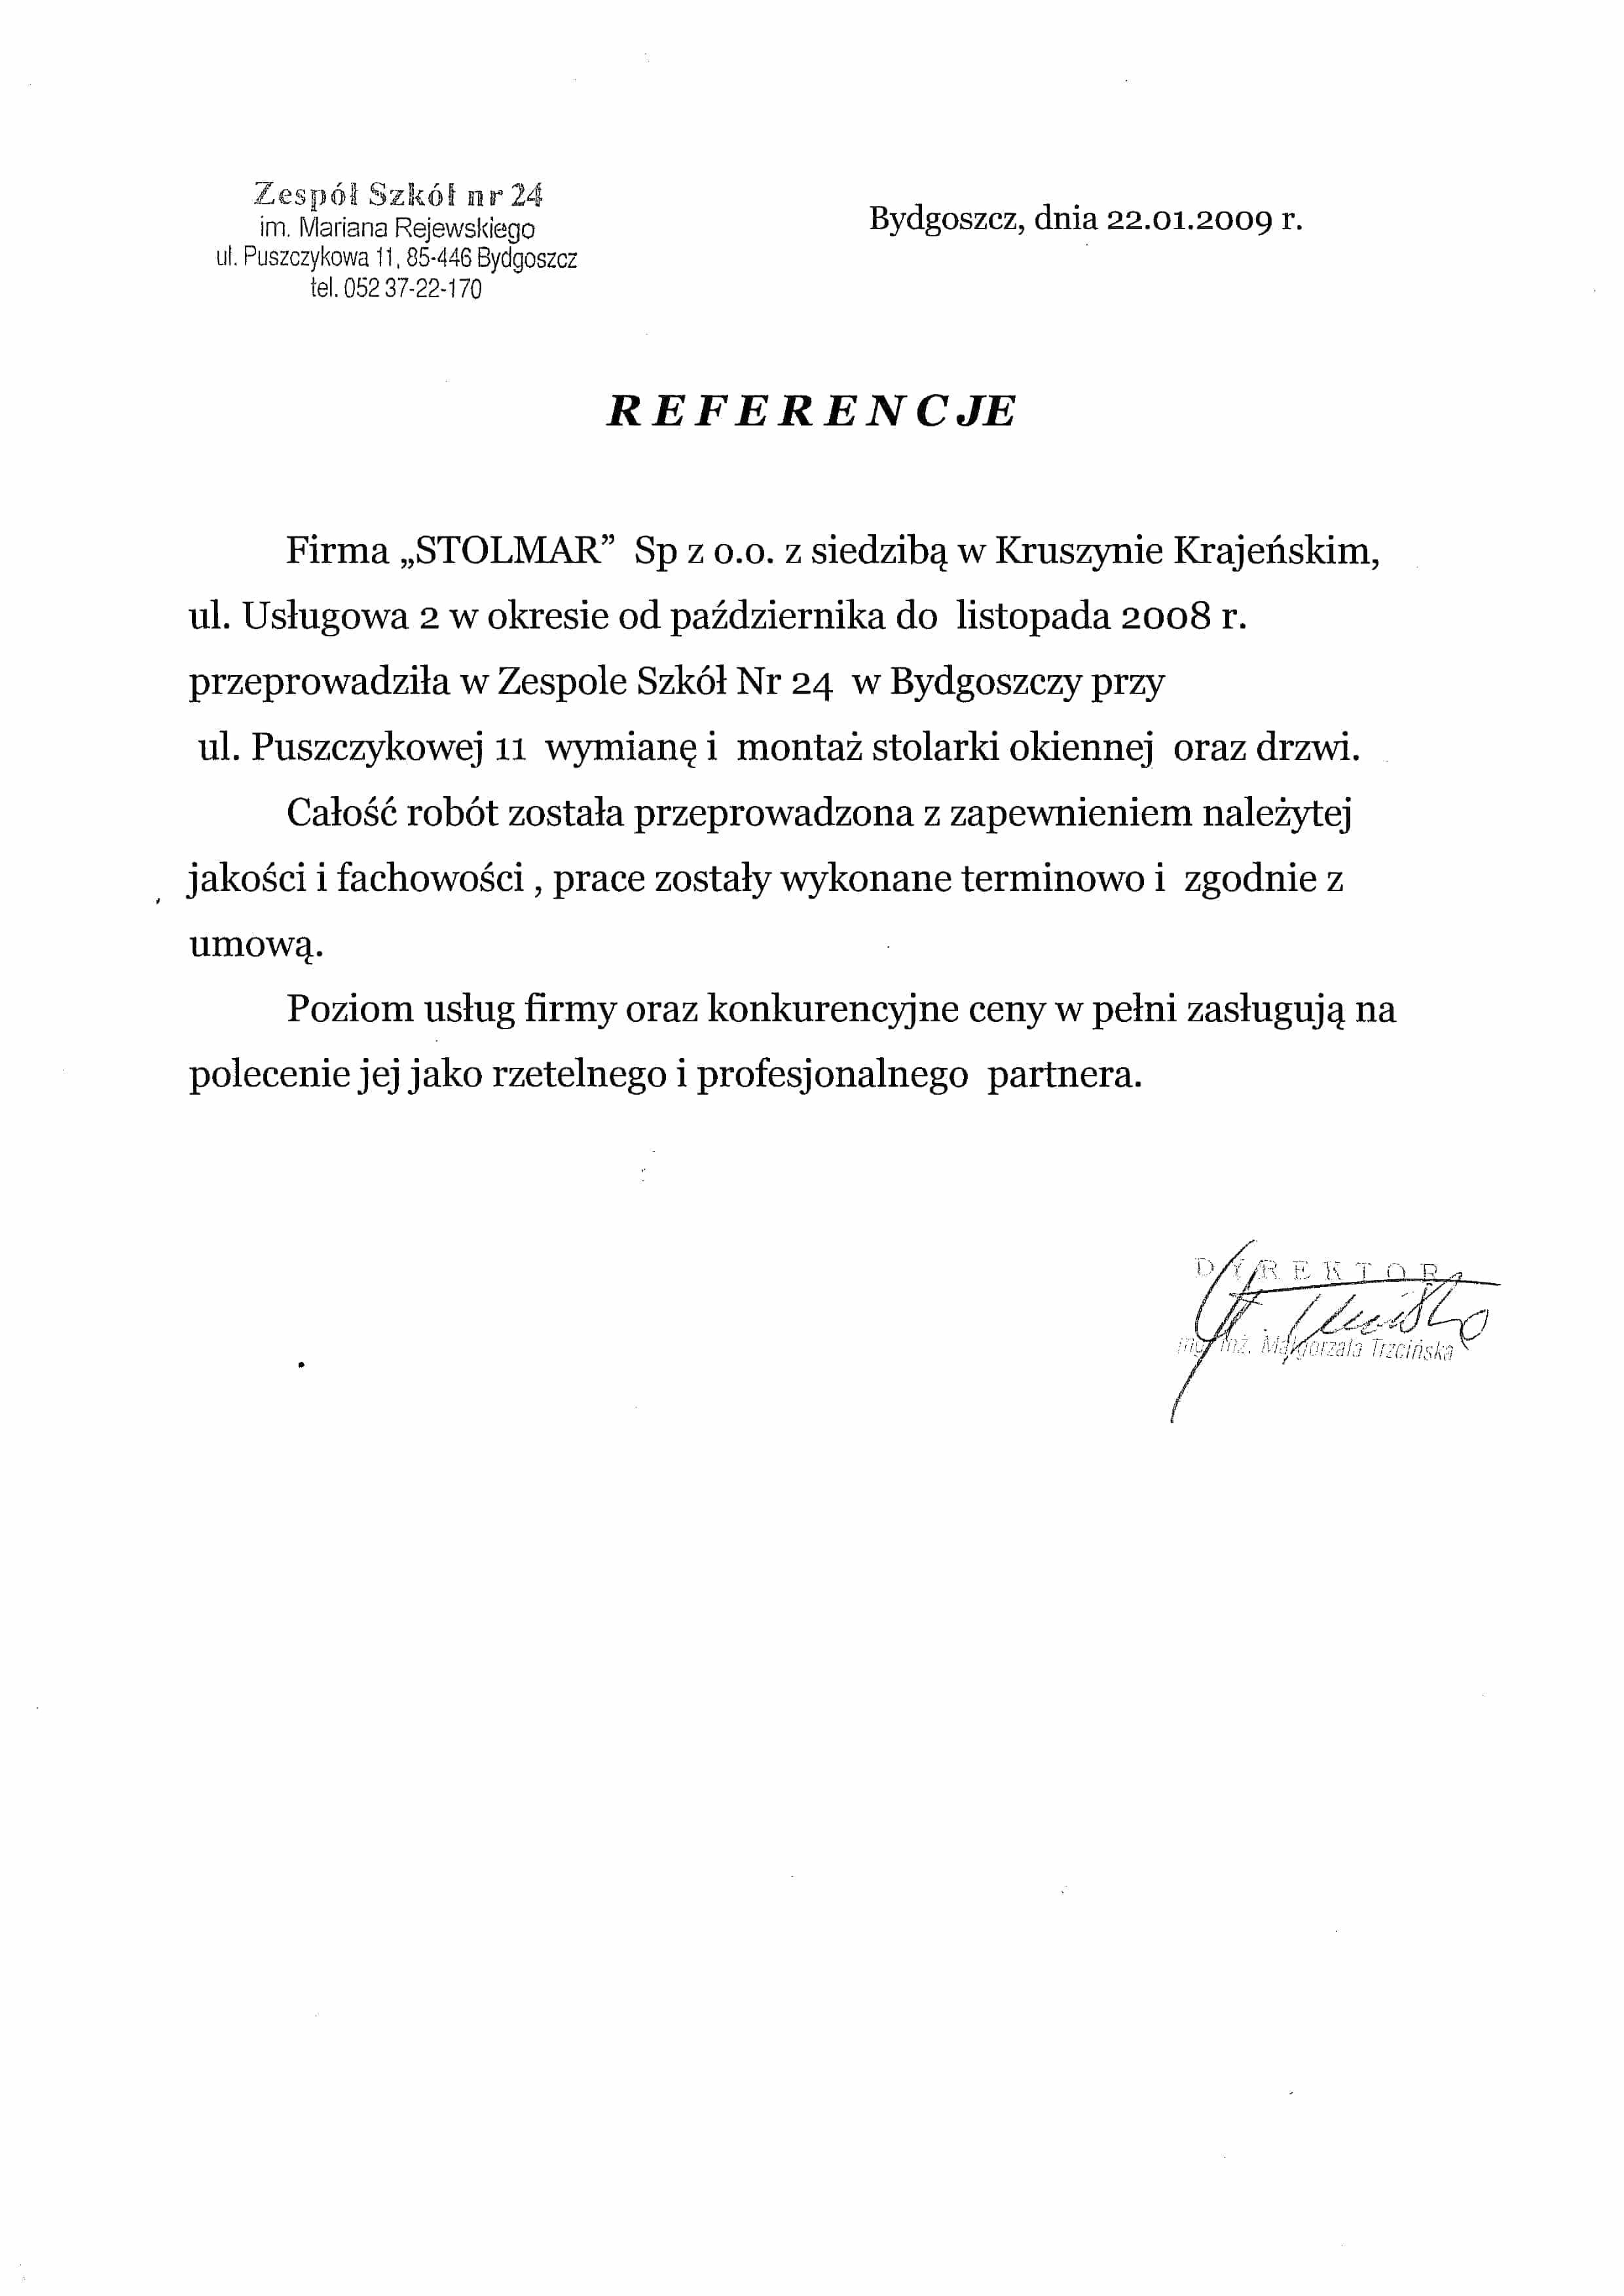 Referencje od Zespołu Szkół Nr. 24 w Bydgoszczy.